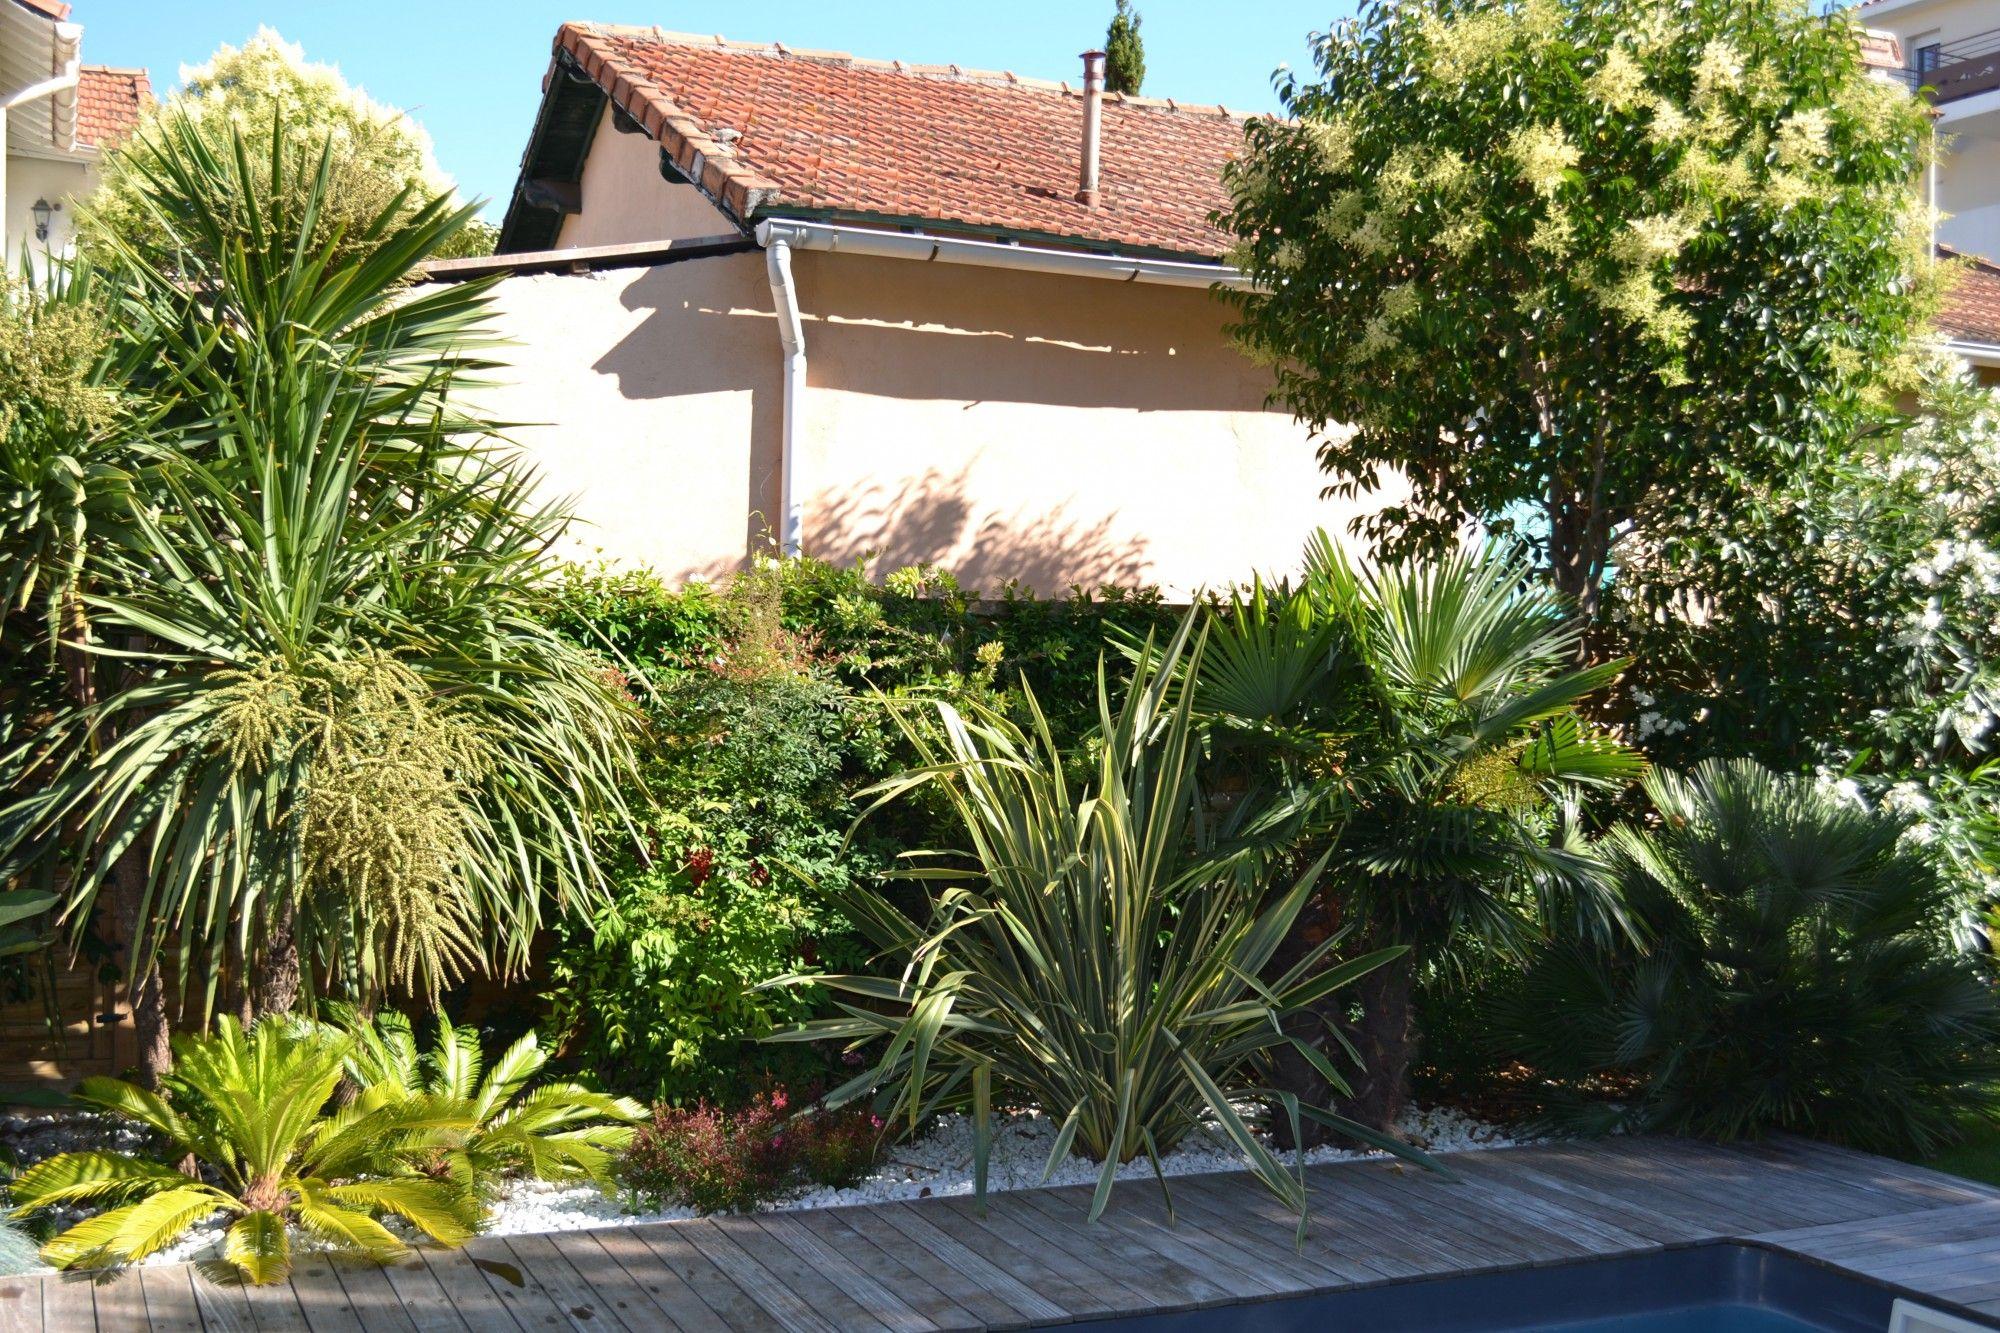 piscine terrasse en bois am nagement paysager avec de palmiers nicolas roubaud 13008 jardin. Black Bedroom Furniture Sets. Home Design Ideas